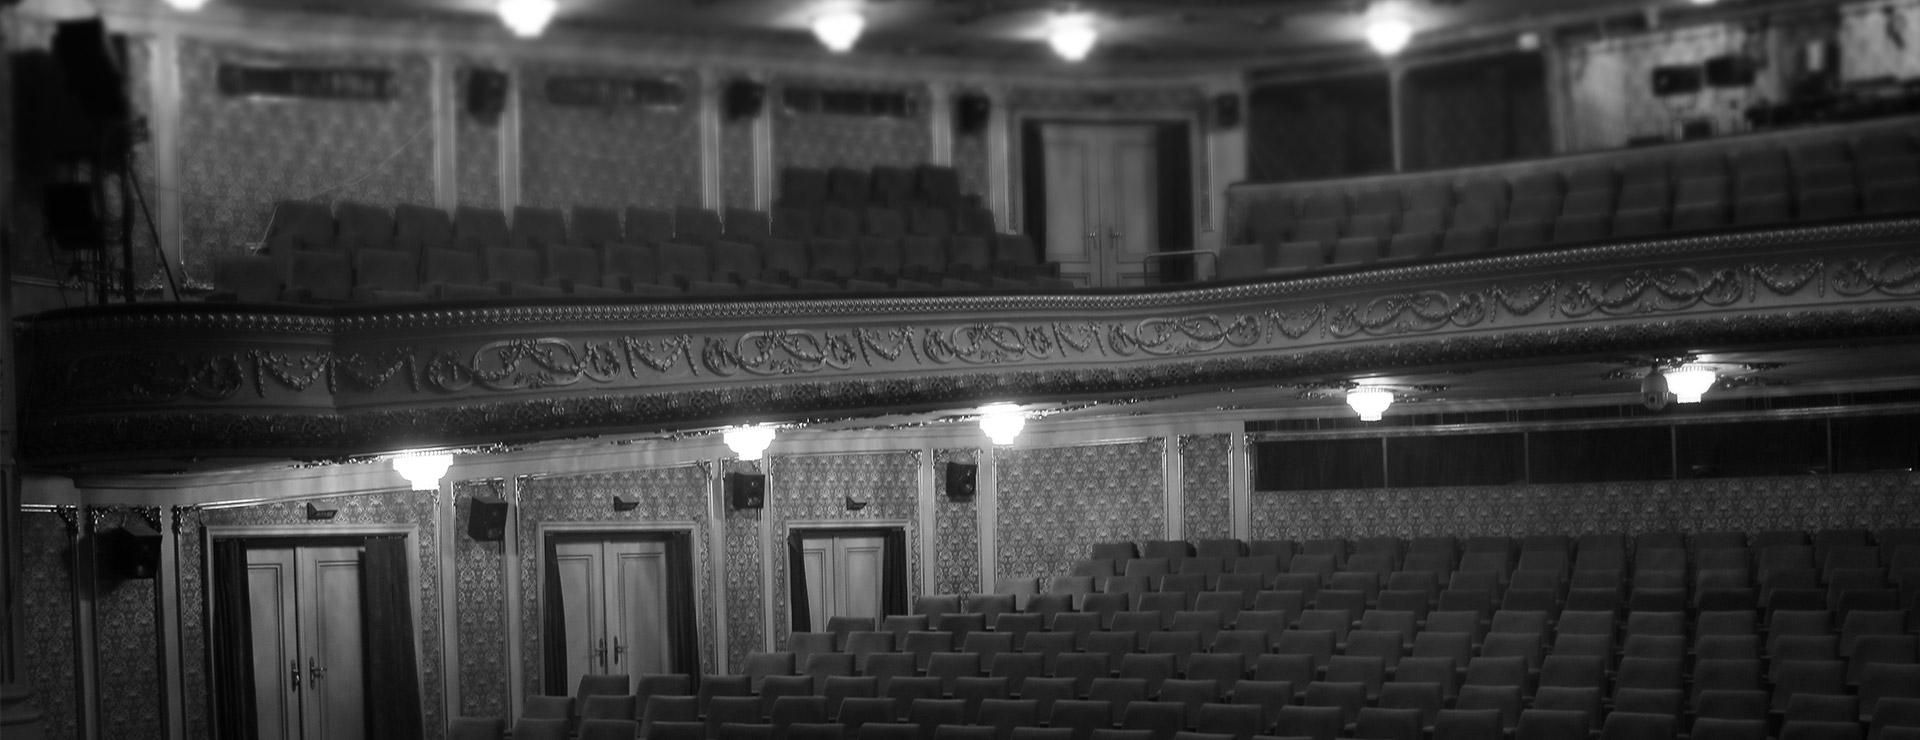 Зрителите вдъхват живот на театъра